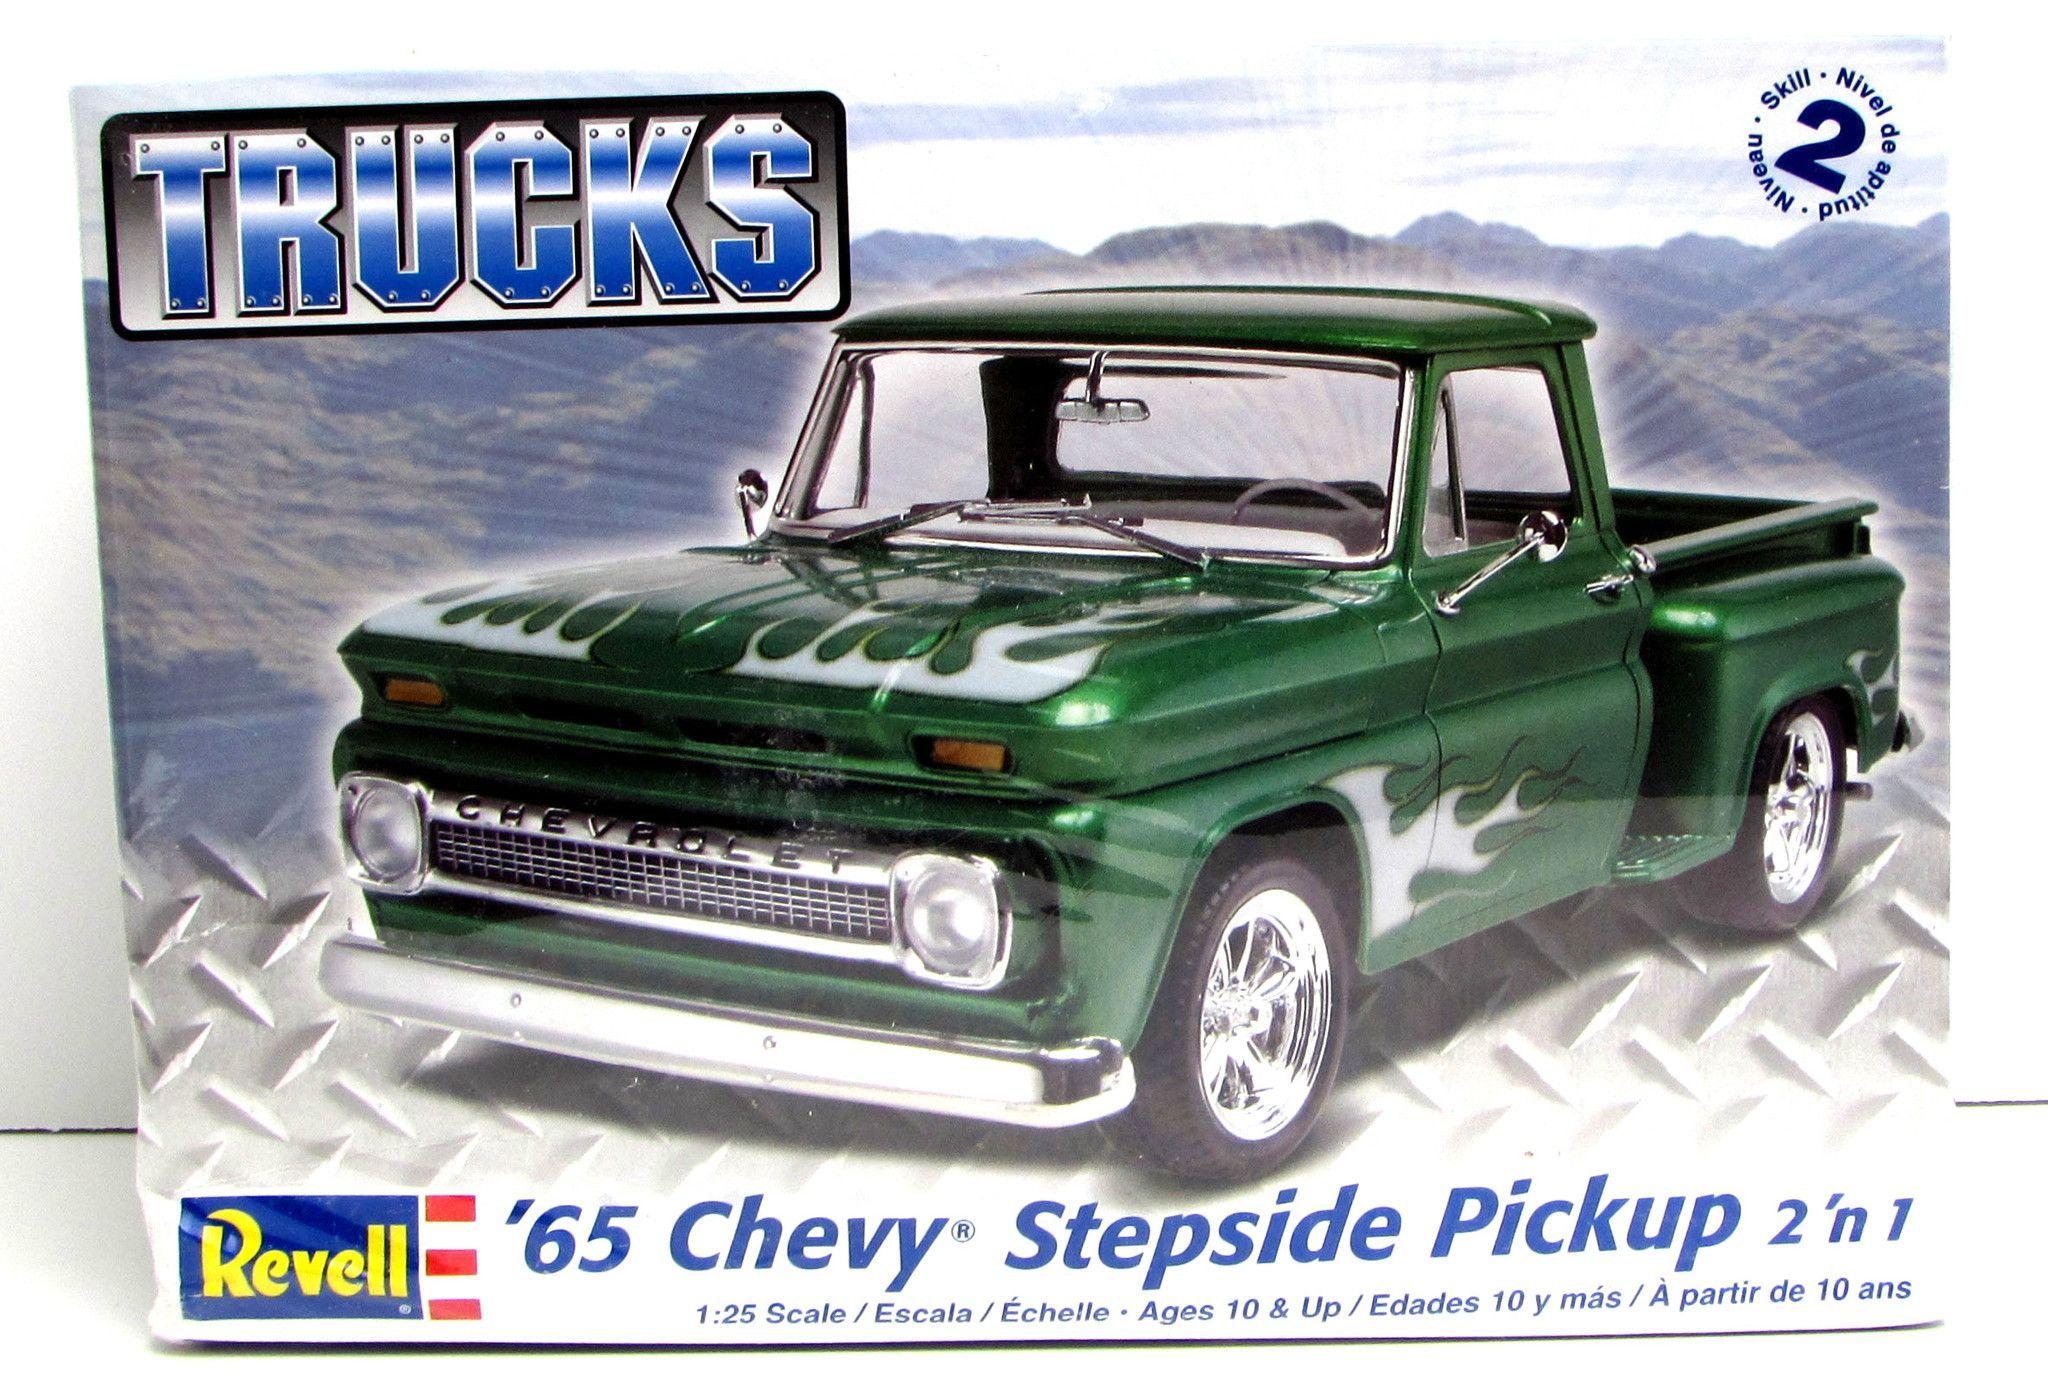 1965 chevy stepside pickup revell 85 7210 1 25 new classic truck model